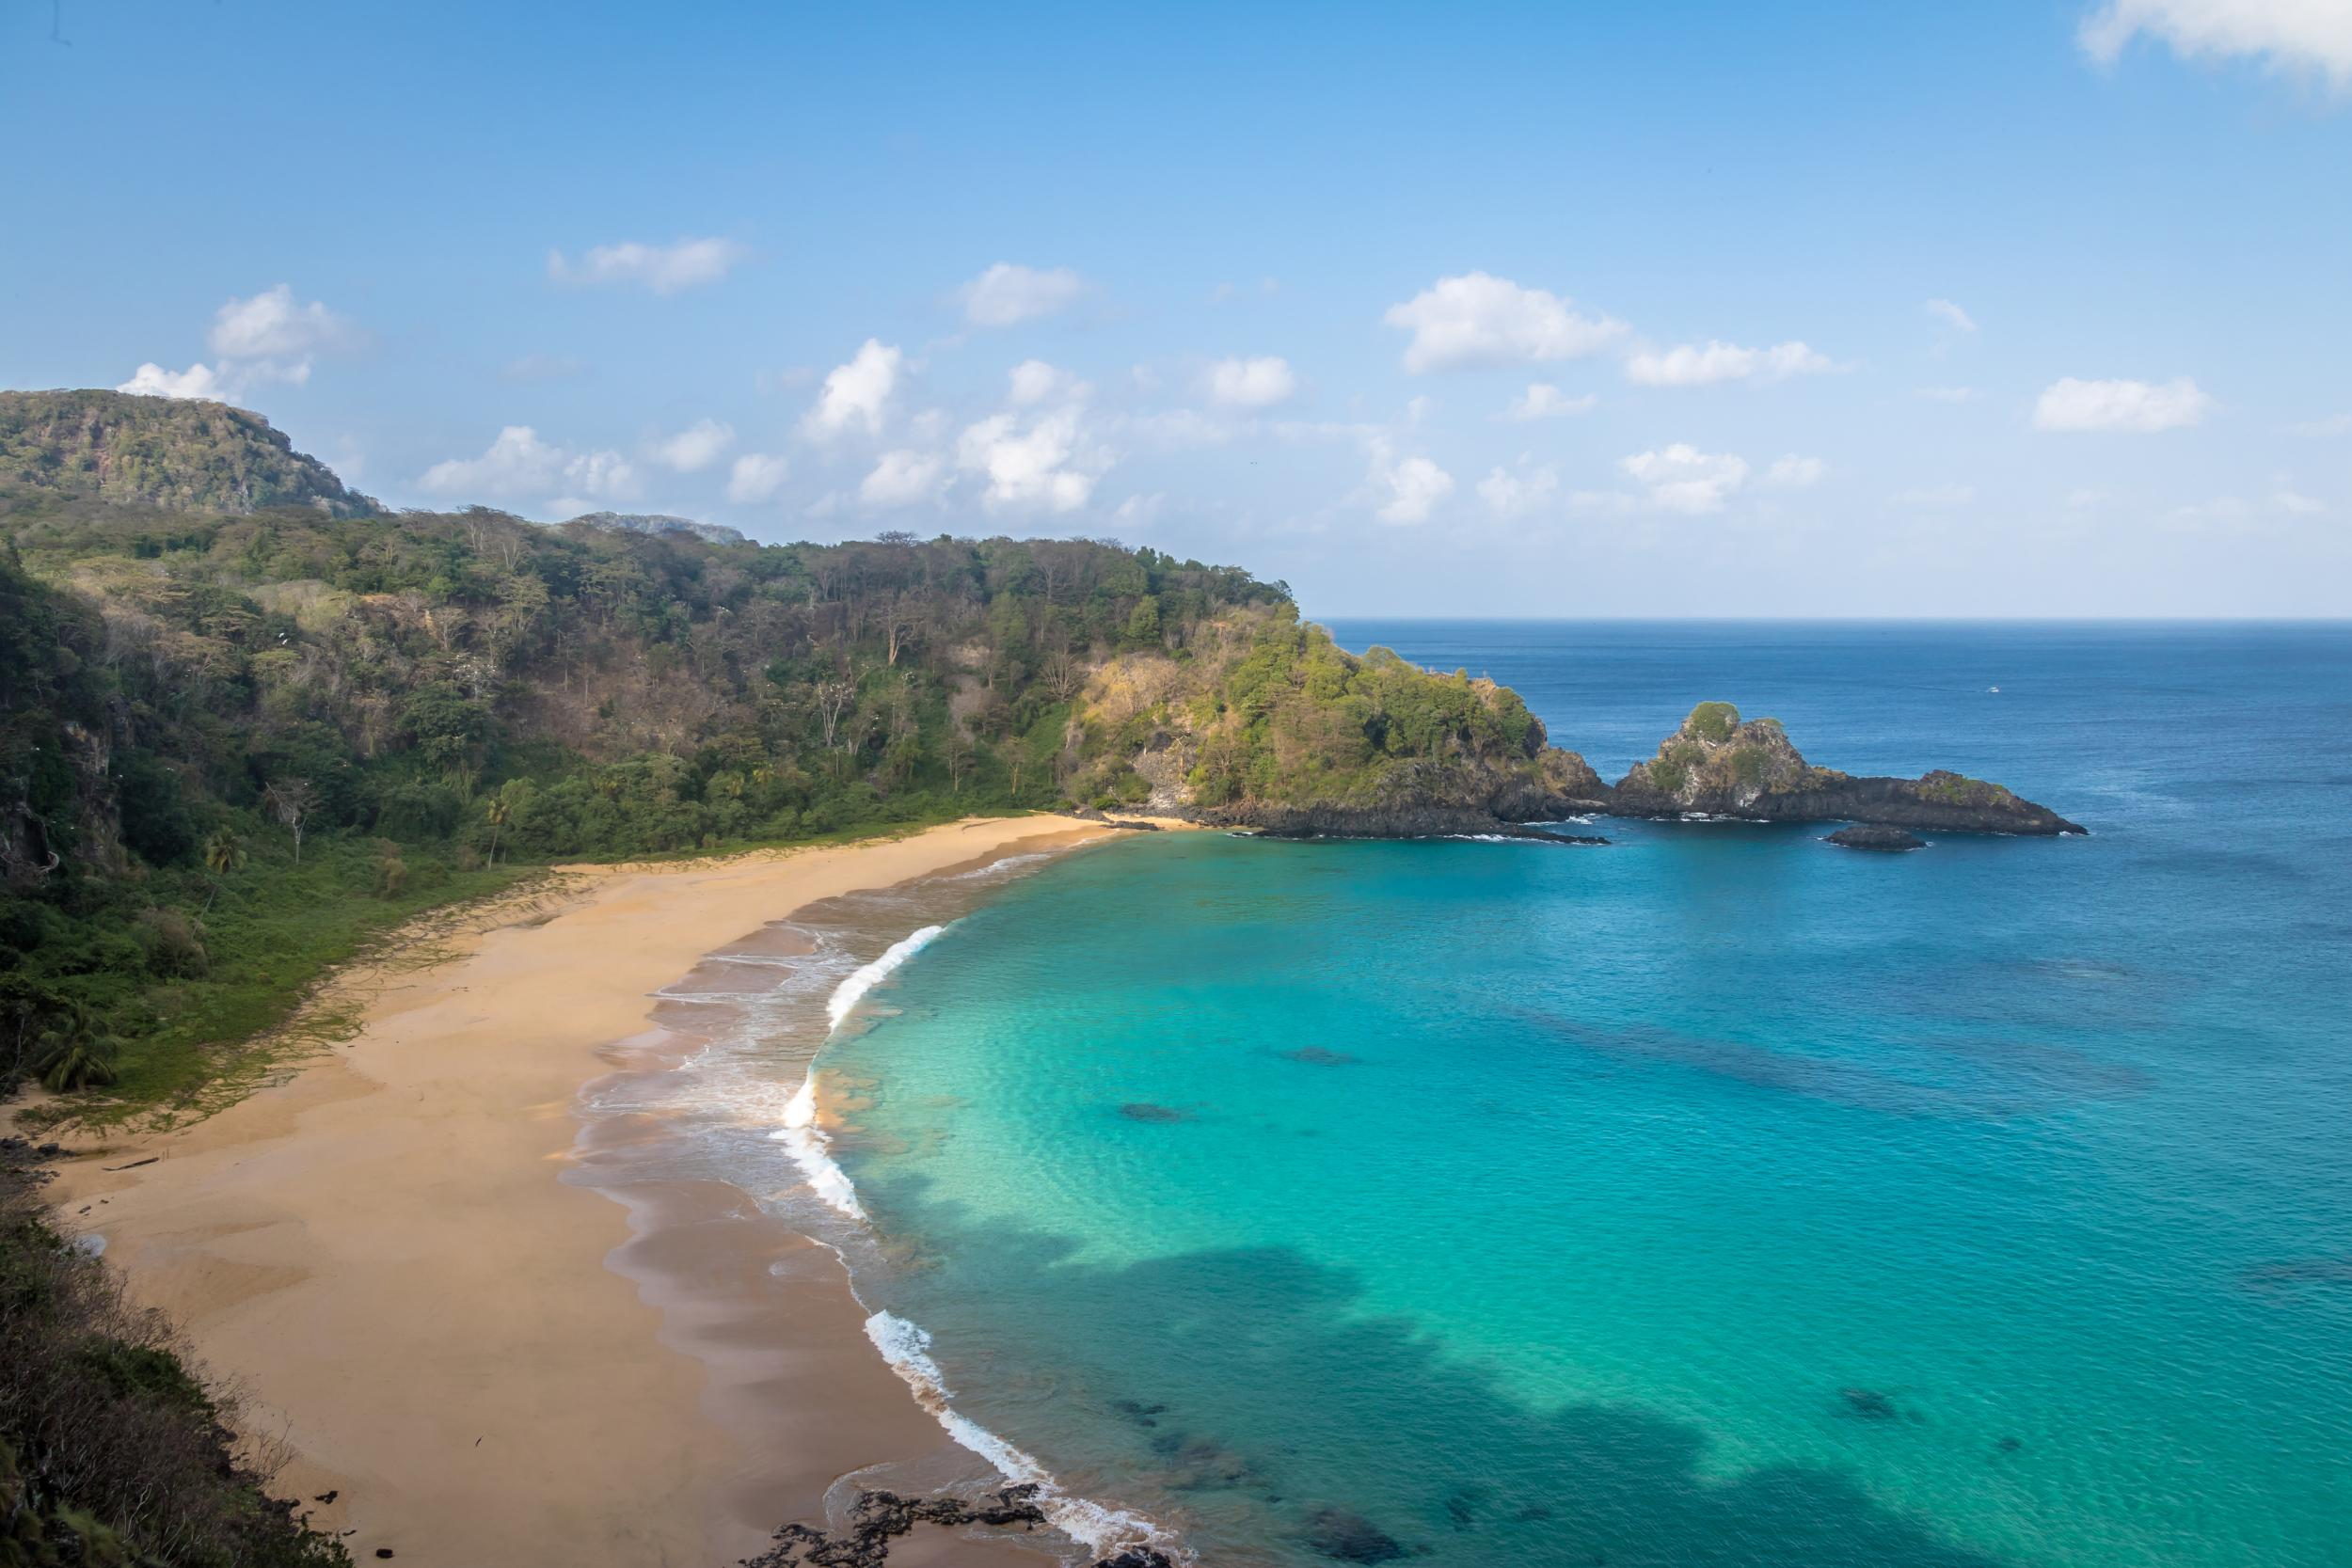 dfaadc8030516 Praia do Sancho Beach on Fernando de Noronha